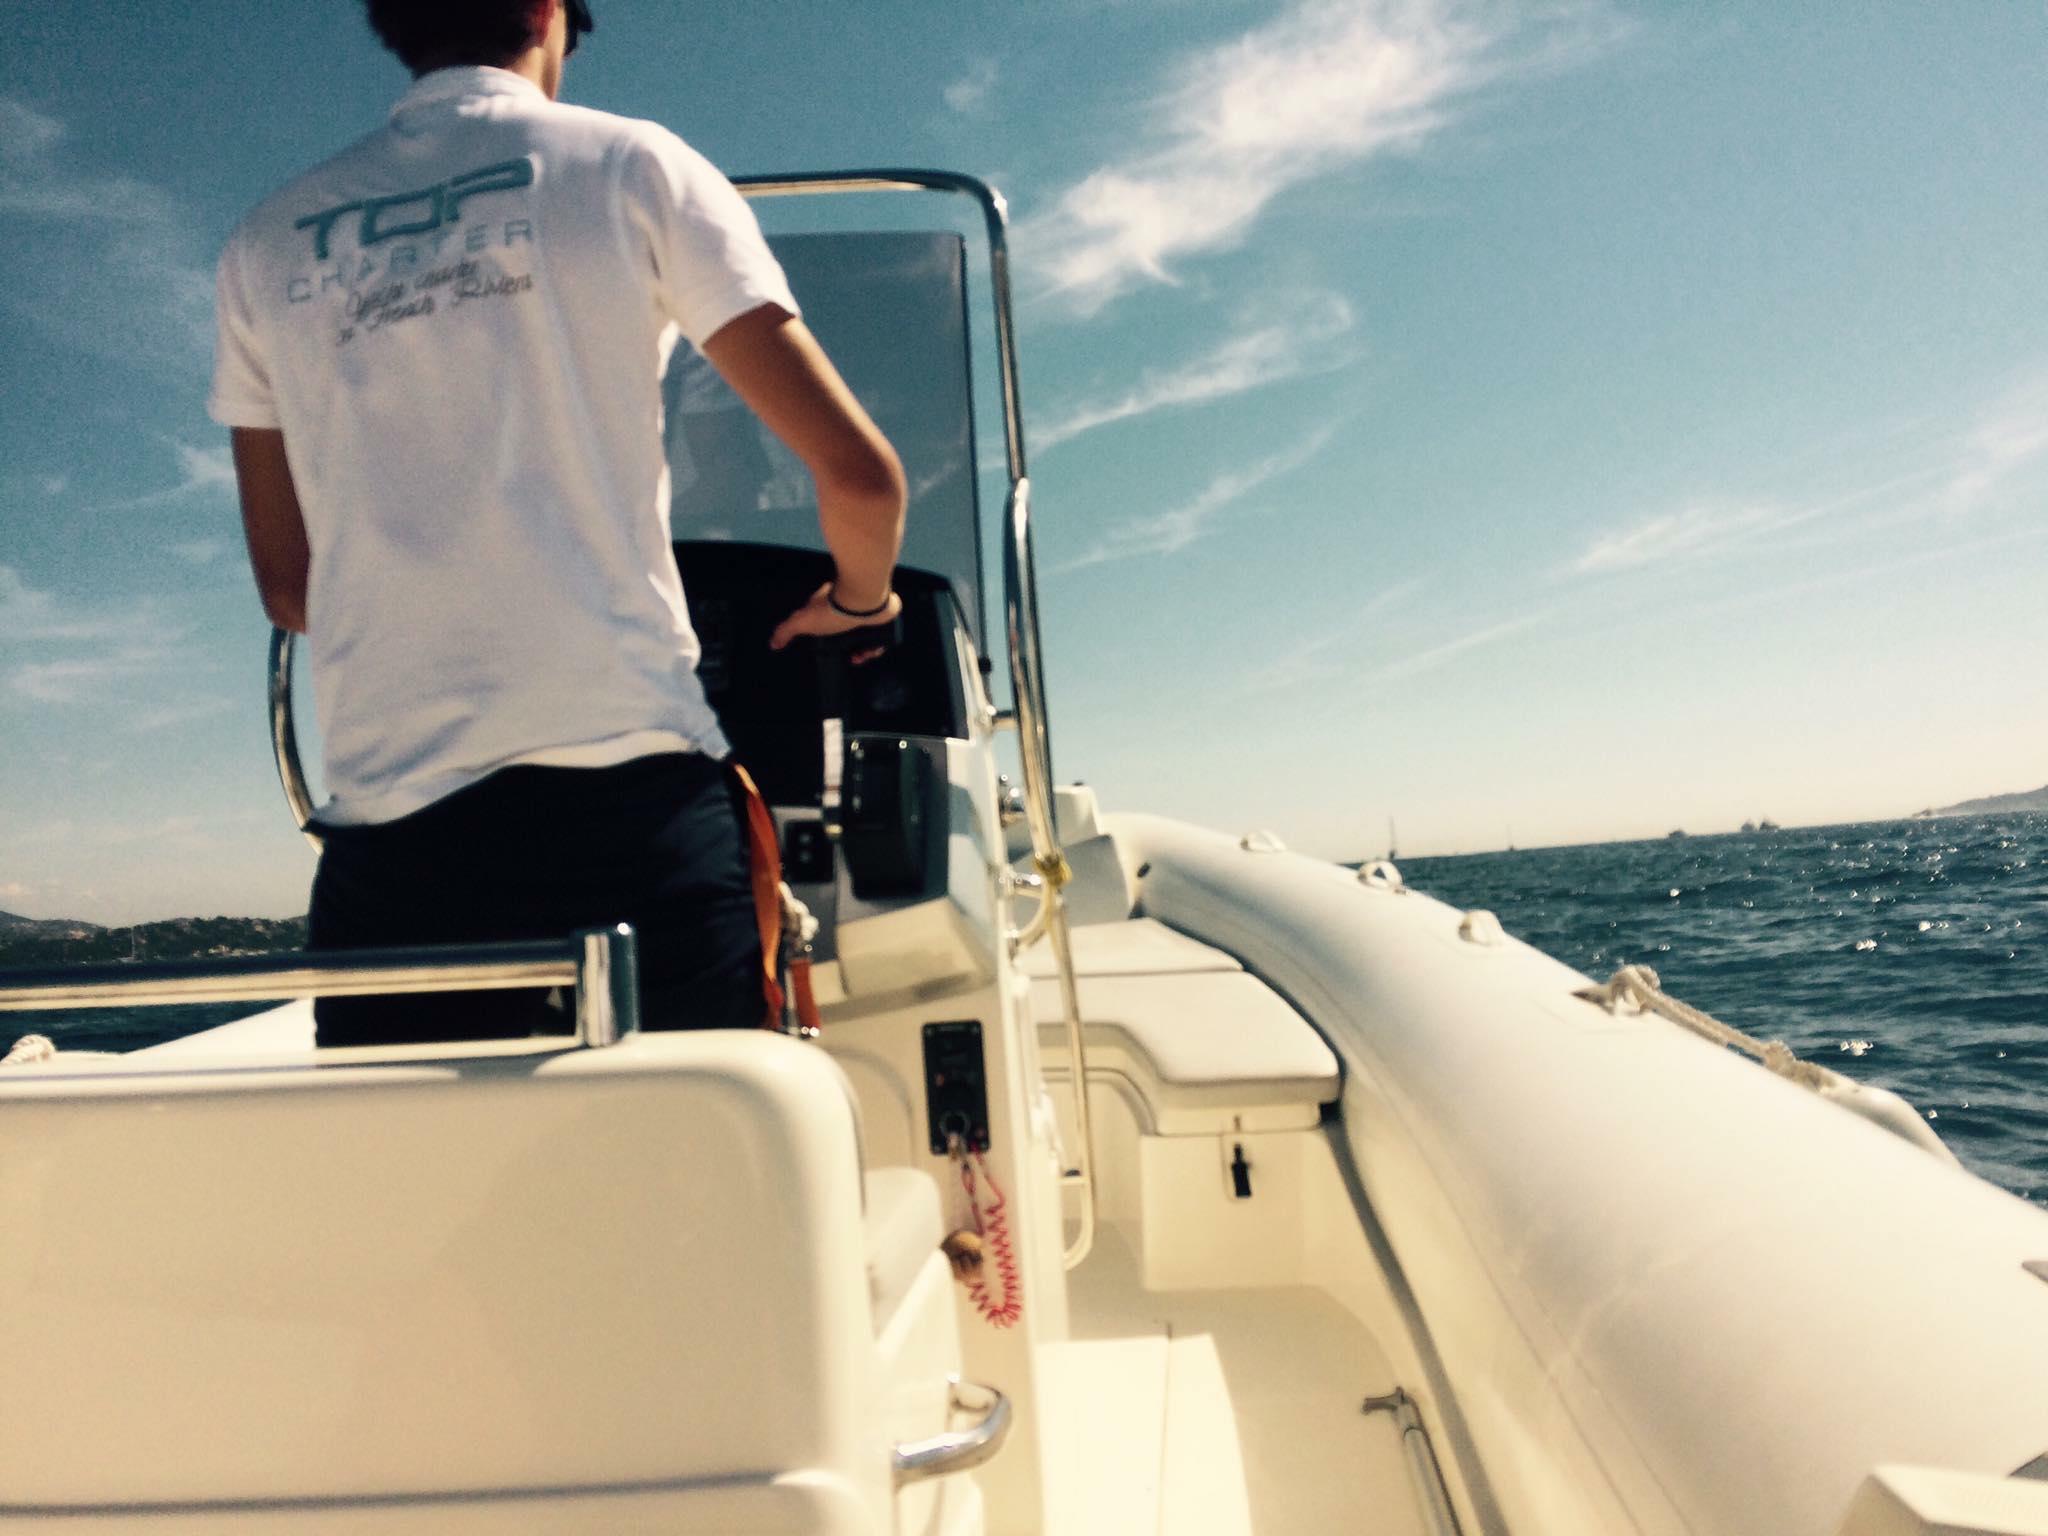 Location bateau Top Charter Côte d'Azur avec équipage / skipper / hôtesse